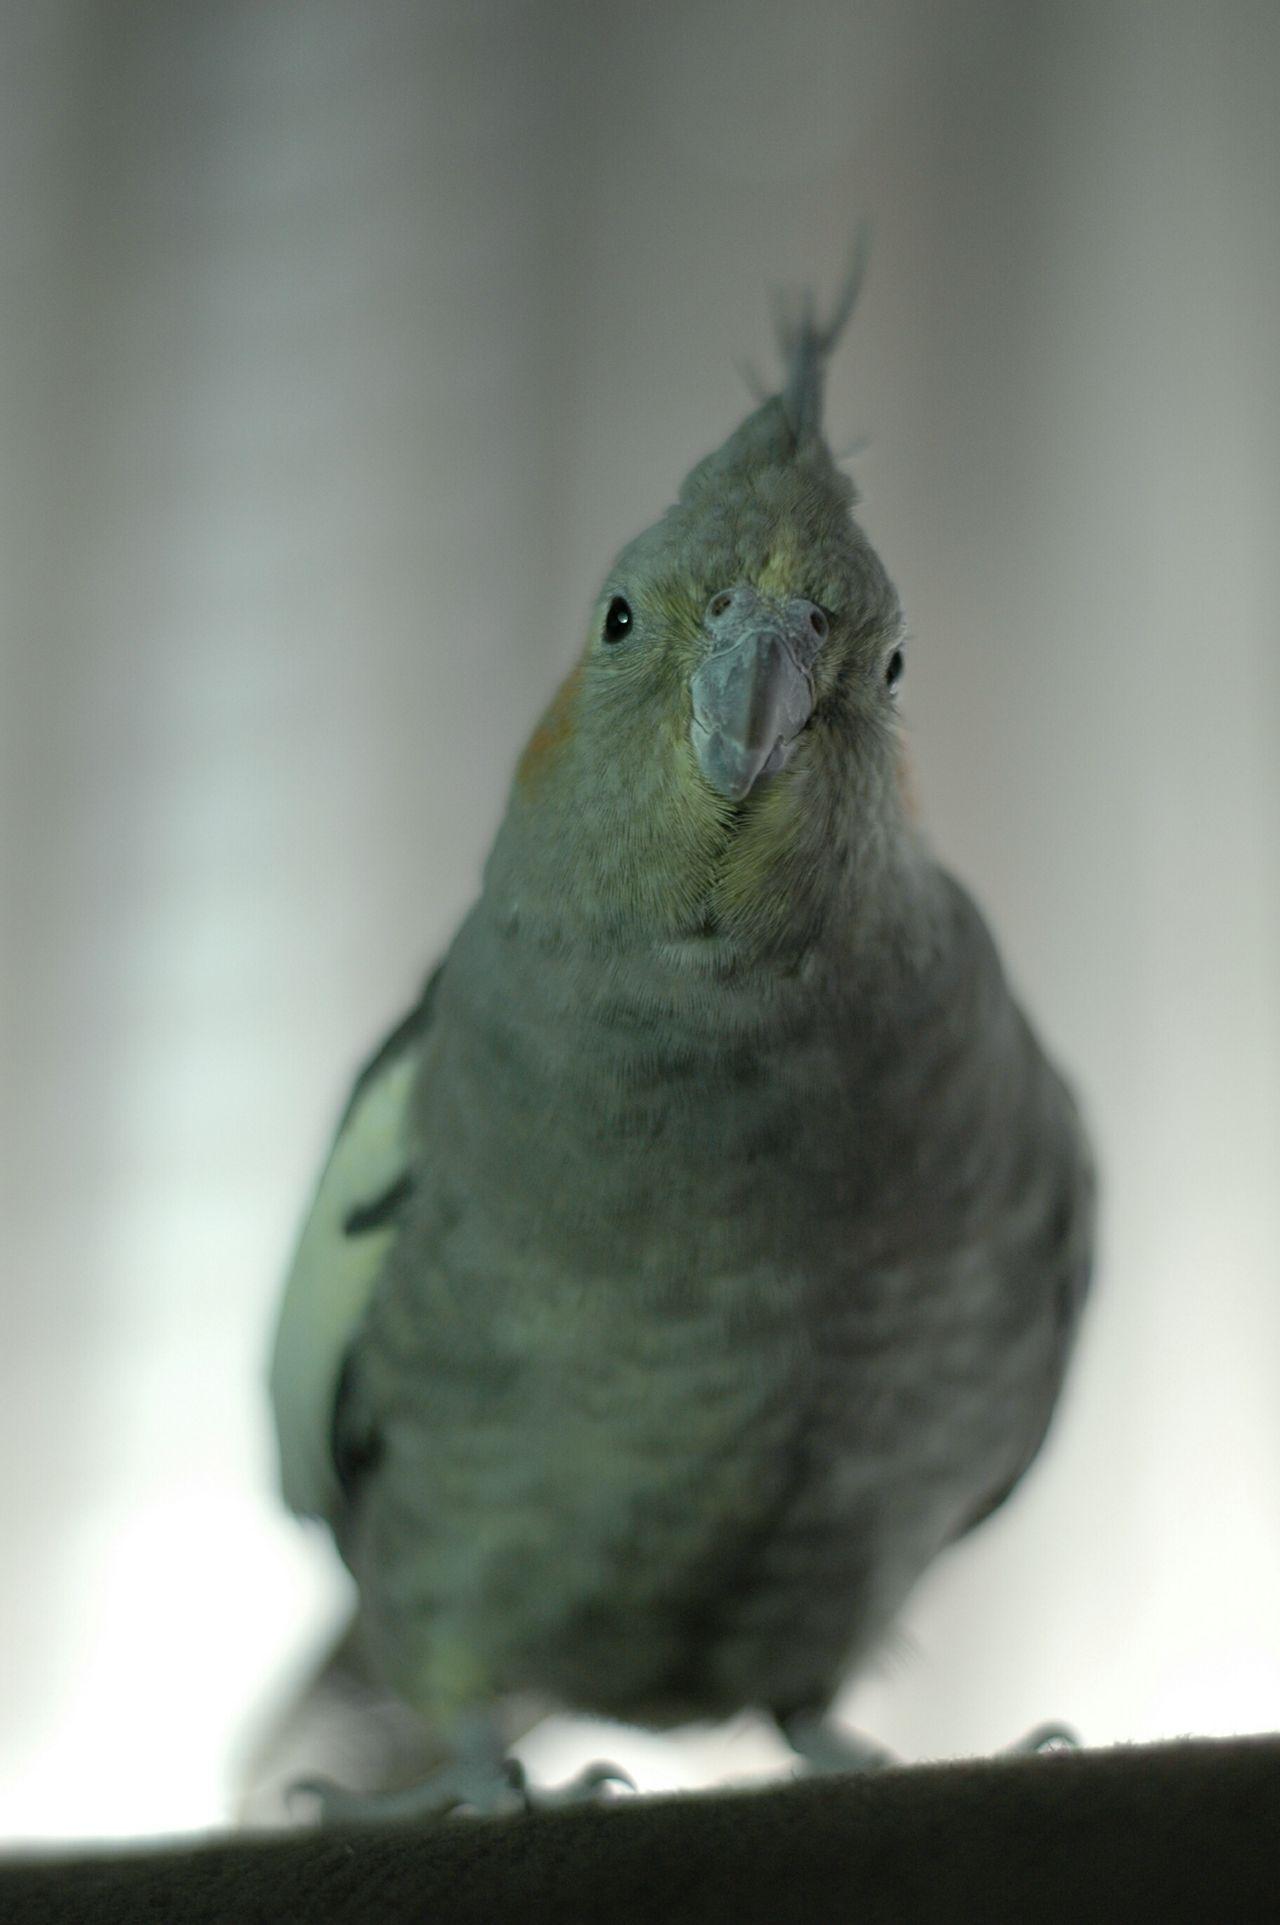 EyeEm Best Shots Mi Pollo Y Yo The Purist (no Edit, No Filter) Birds